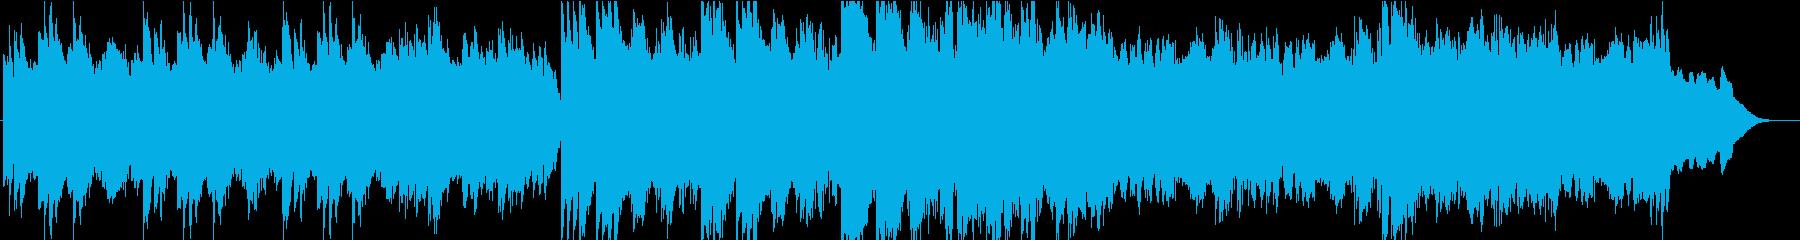 何かが色付き始めるような感動的なBGMの再生済みの波形